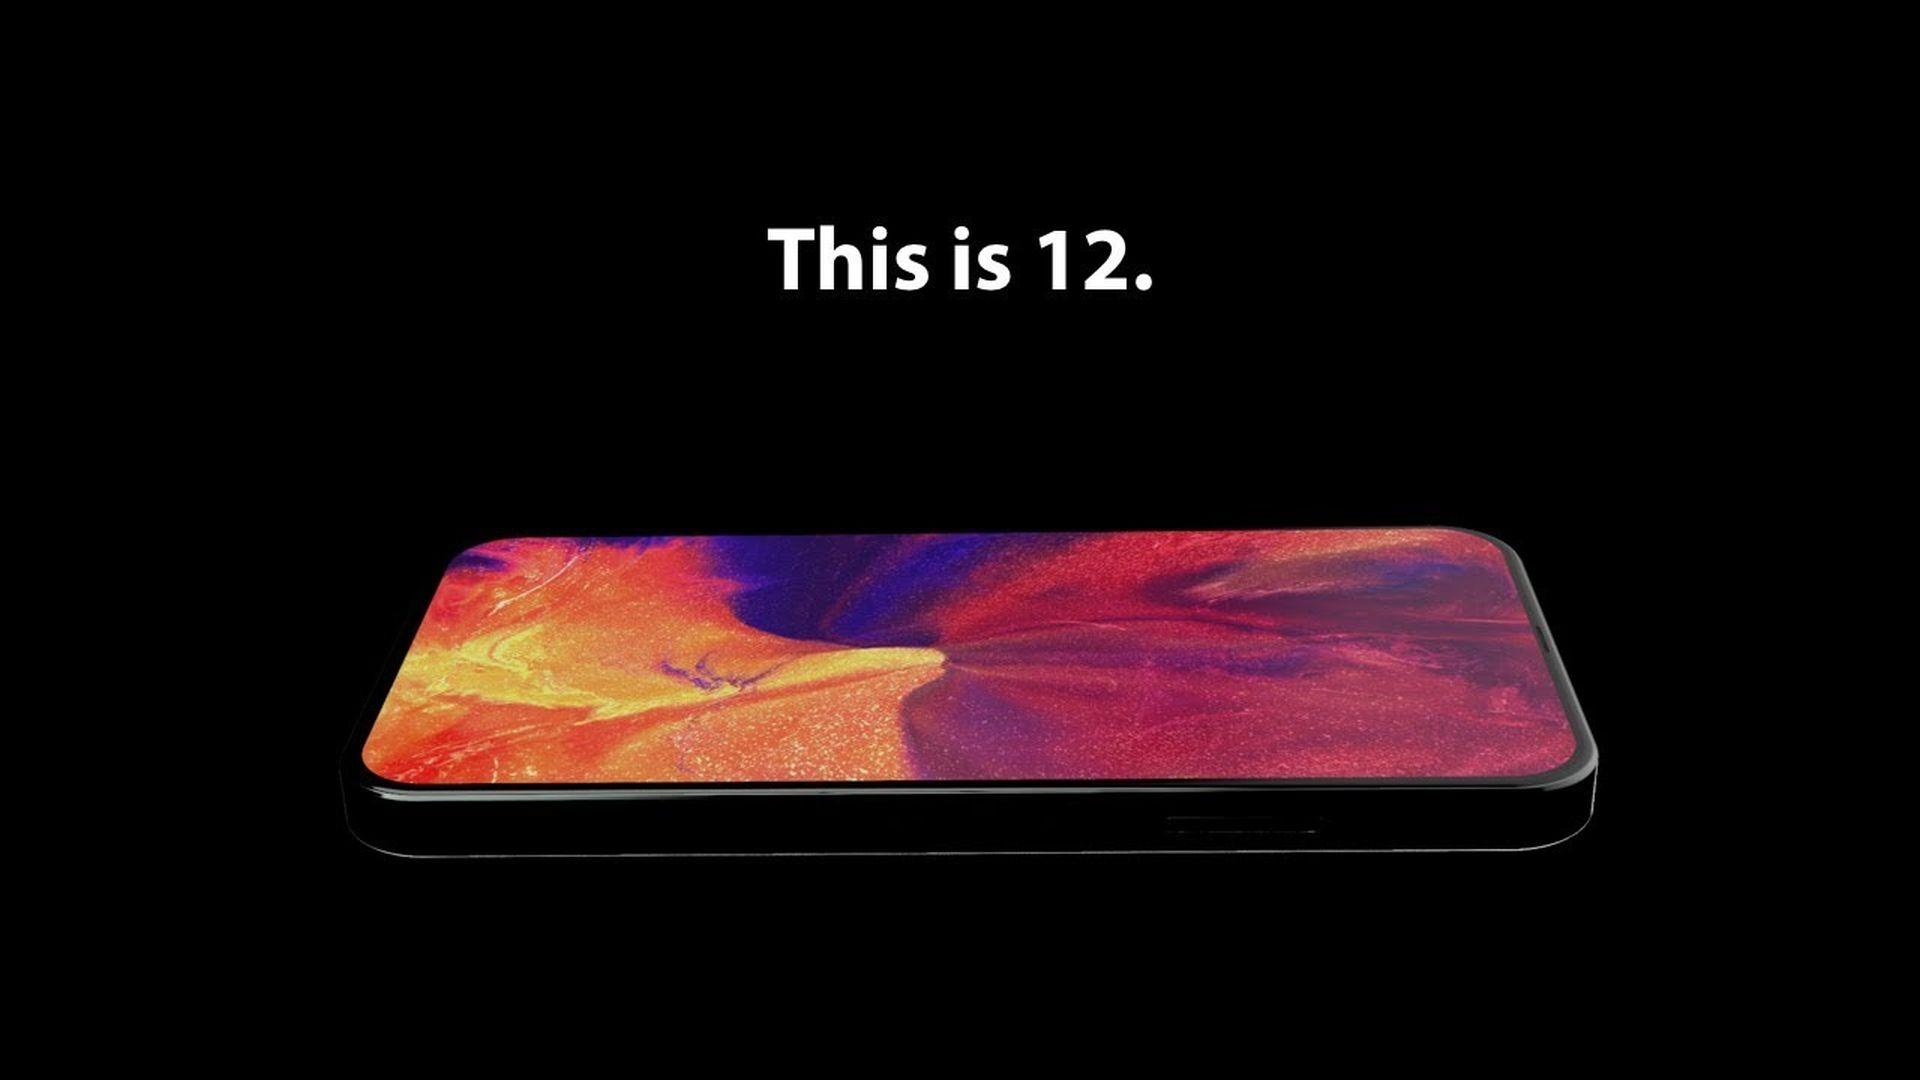 Najnowsza koncepcyjna wizja iPhone'a 12 na filmie